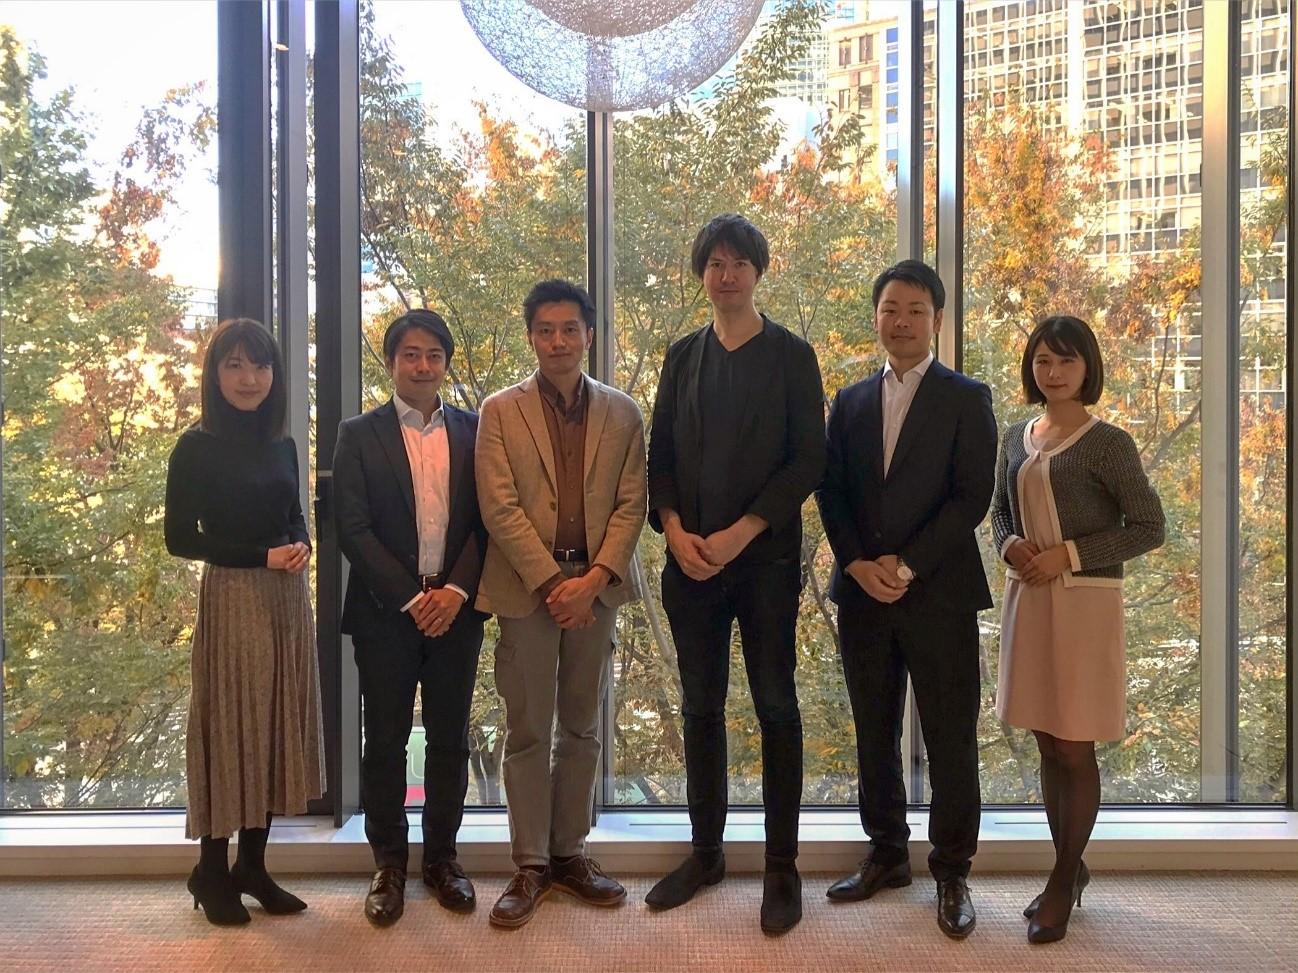 ドリームインキュベータ、NEXTユニコーン起業家向け「ファイナンス・プロデュース」事業を始動